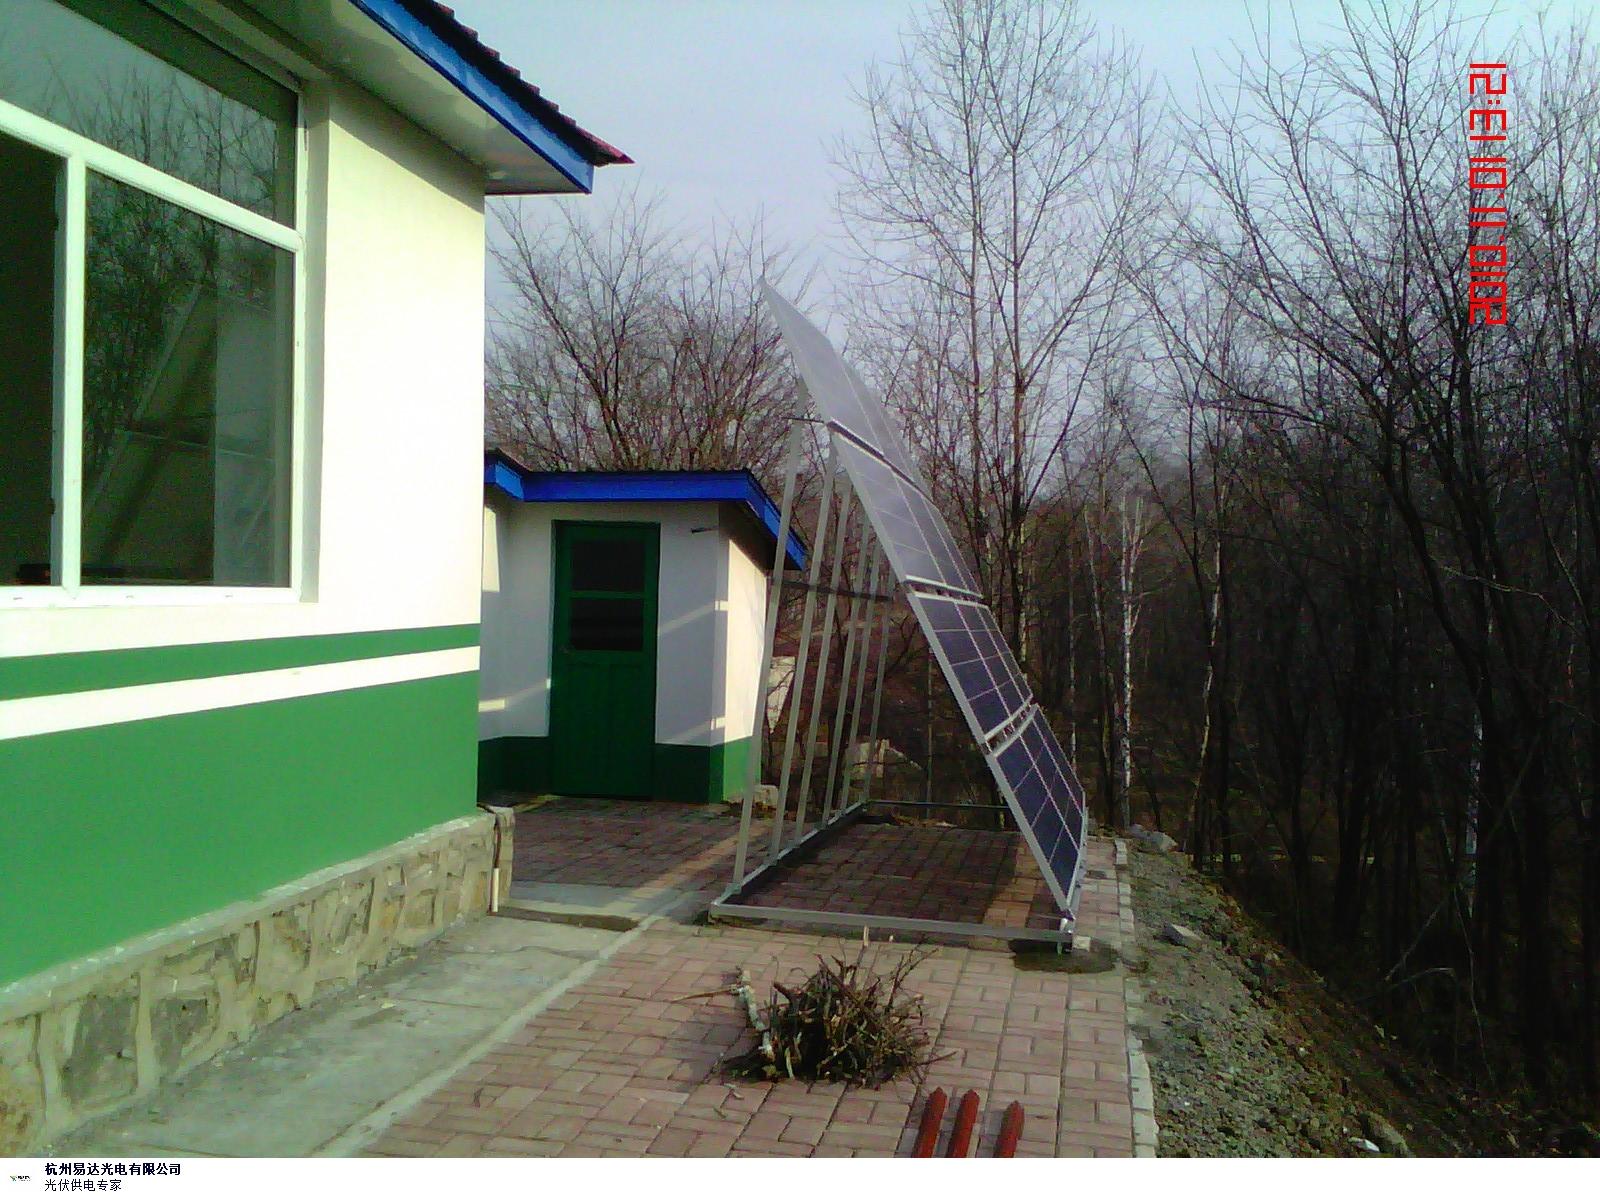 浙江民用太阳能发电品牌企业 和谐共赢 杭州易达光电供应